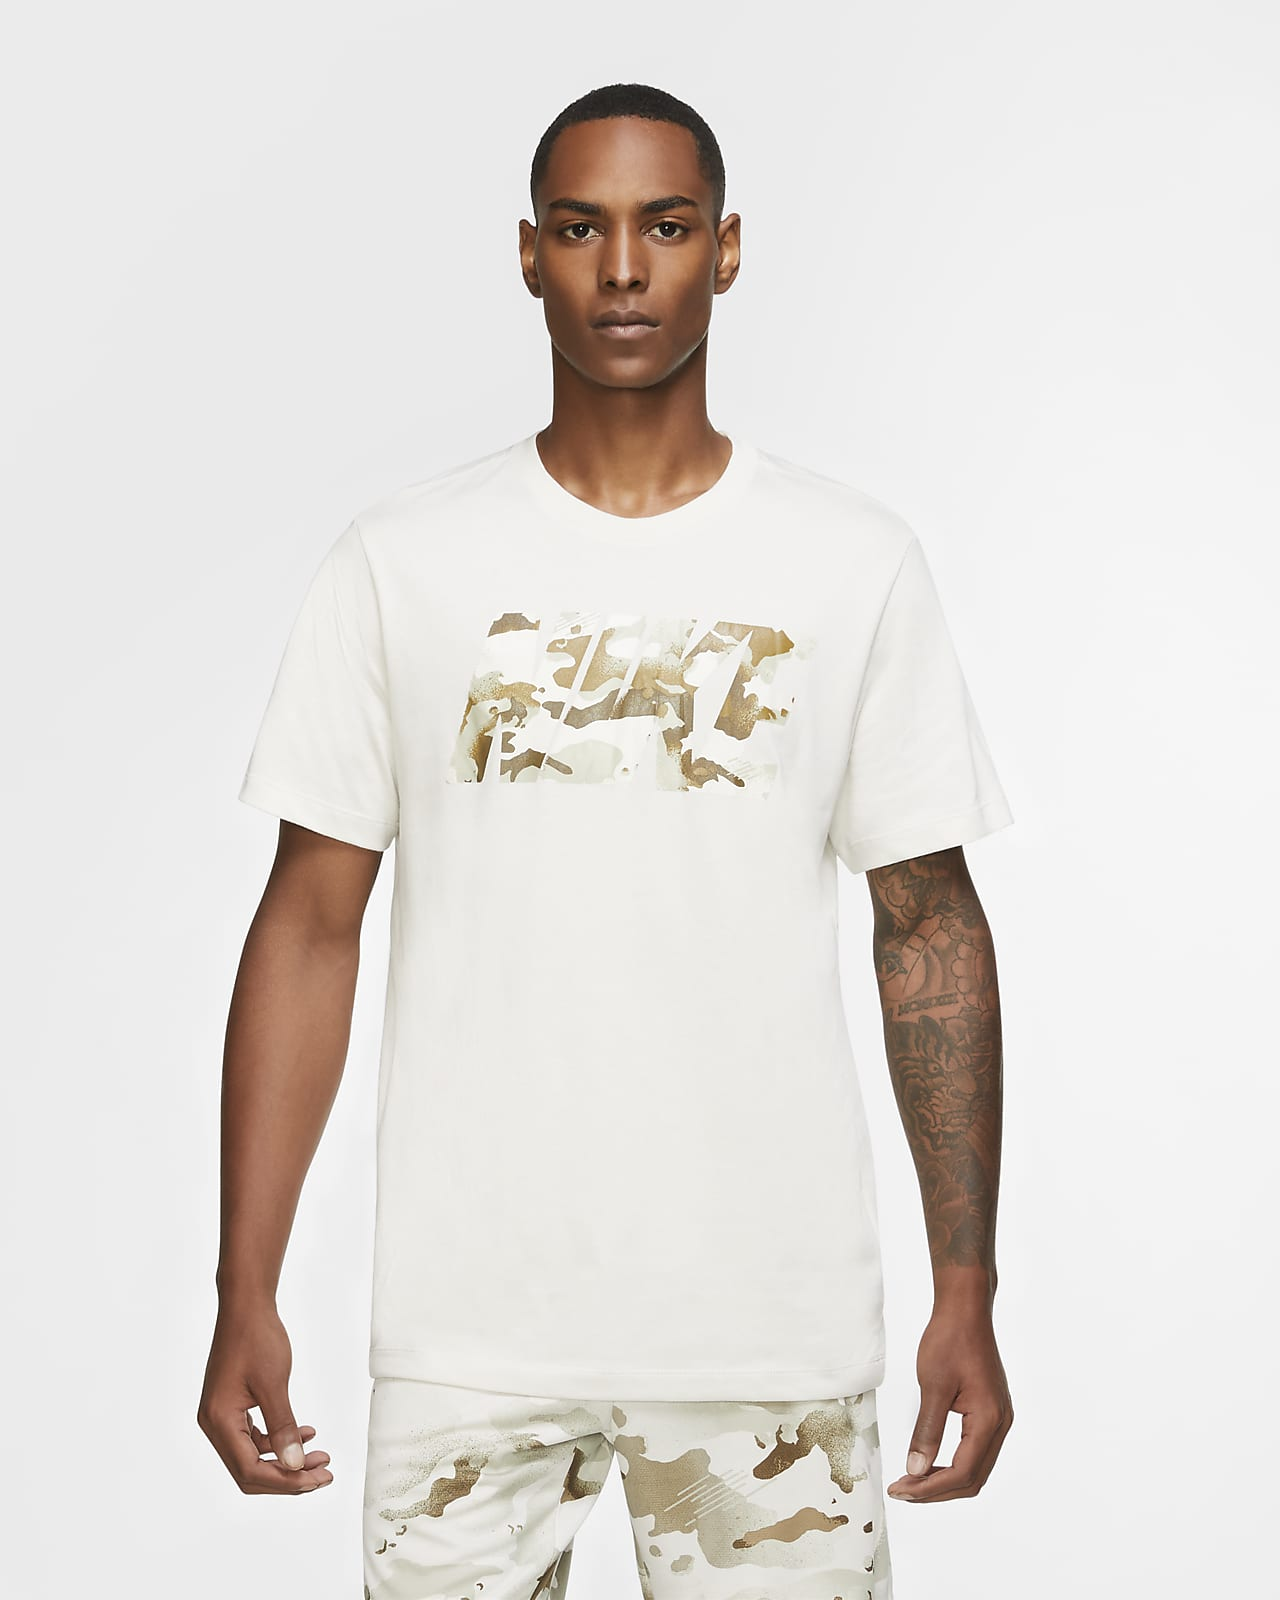 Tränings-t-shirt med kamouflagelogga Nike Dri-FIT för män